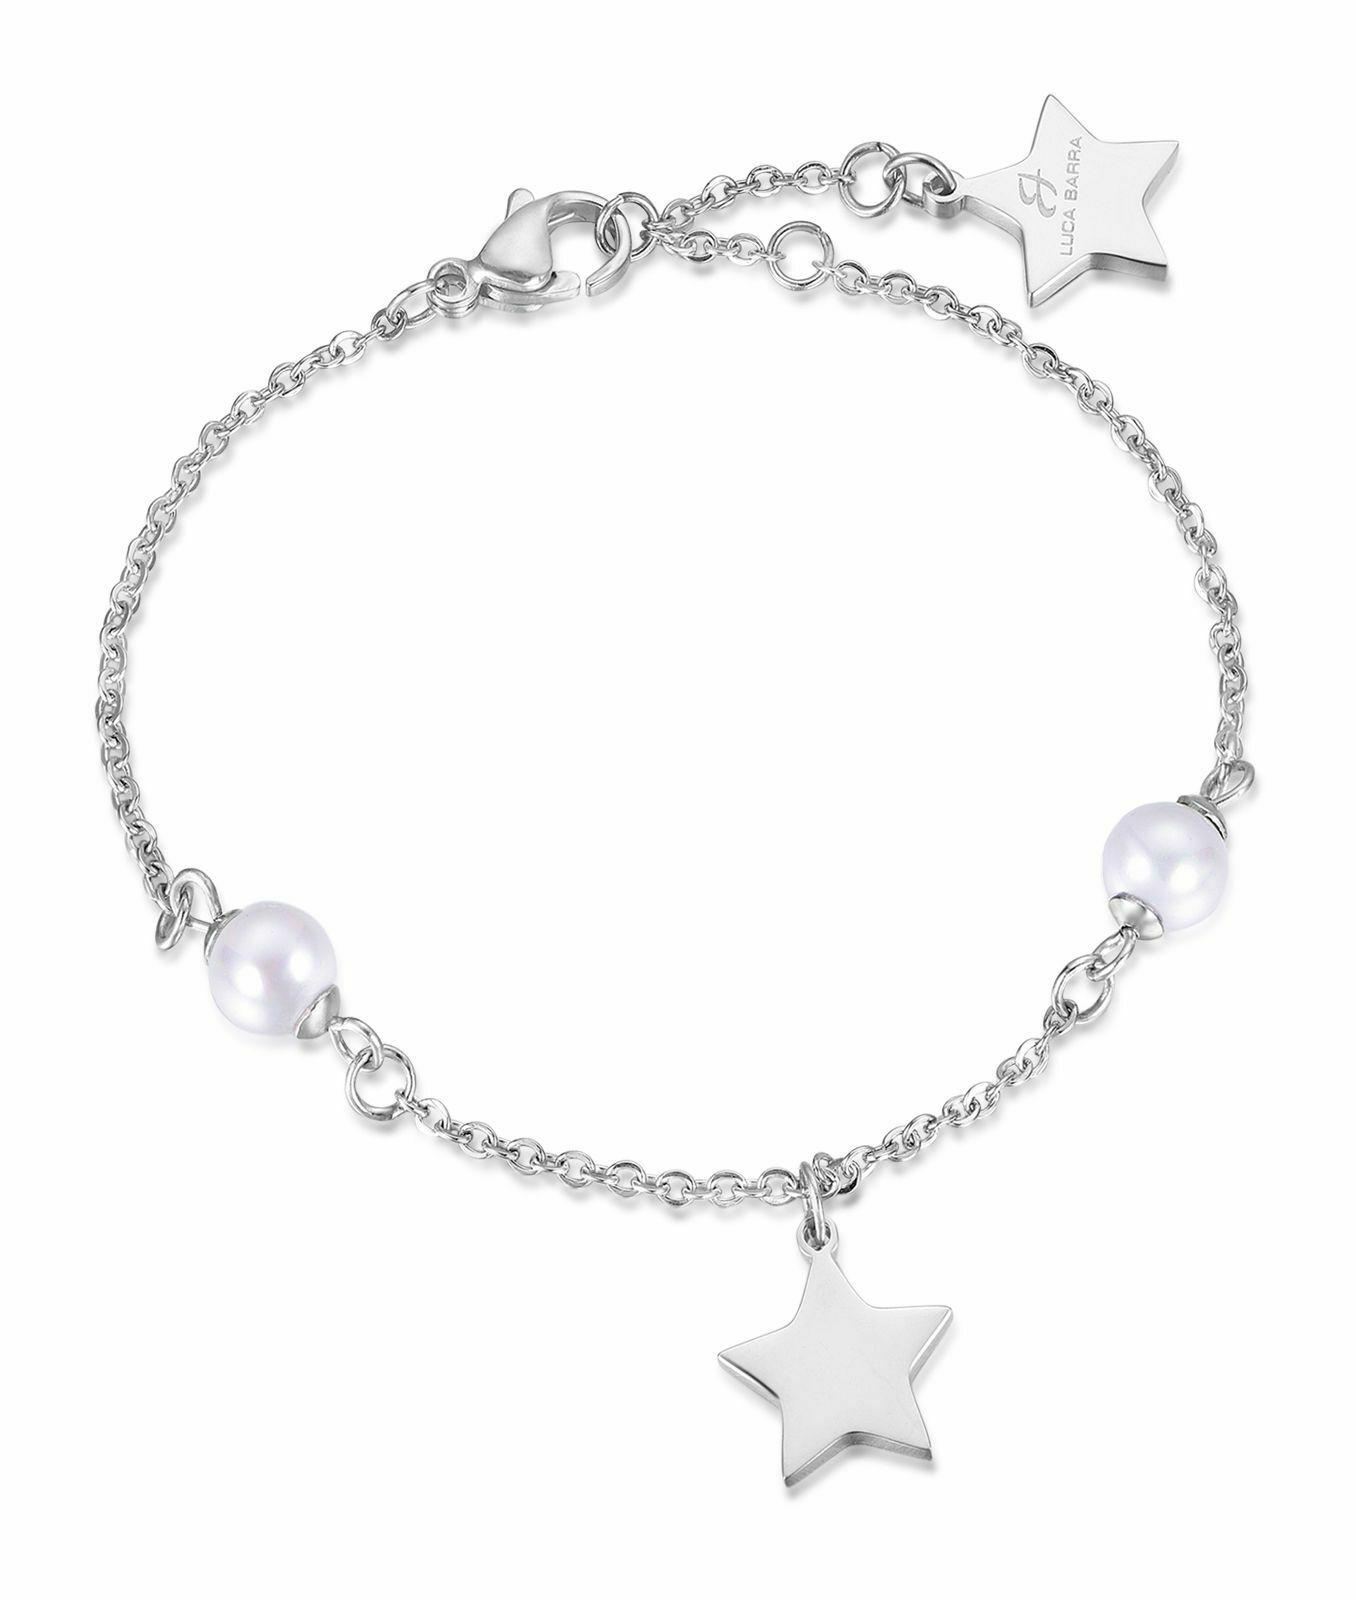 Bracciale donna Luca Barra in acciaio con stelle e perle bianche BK1687